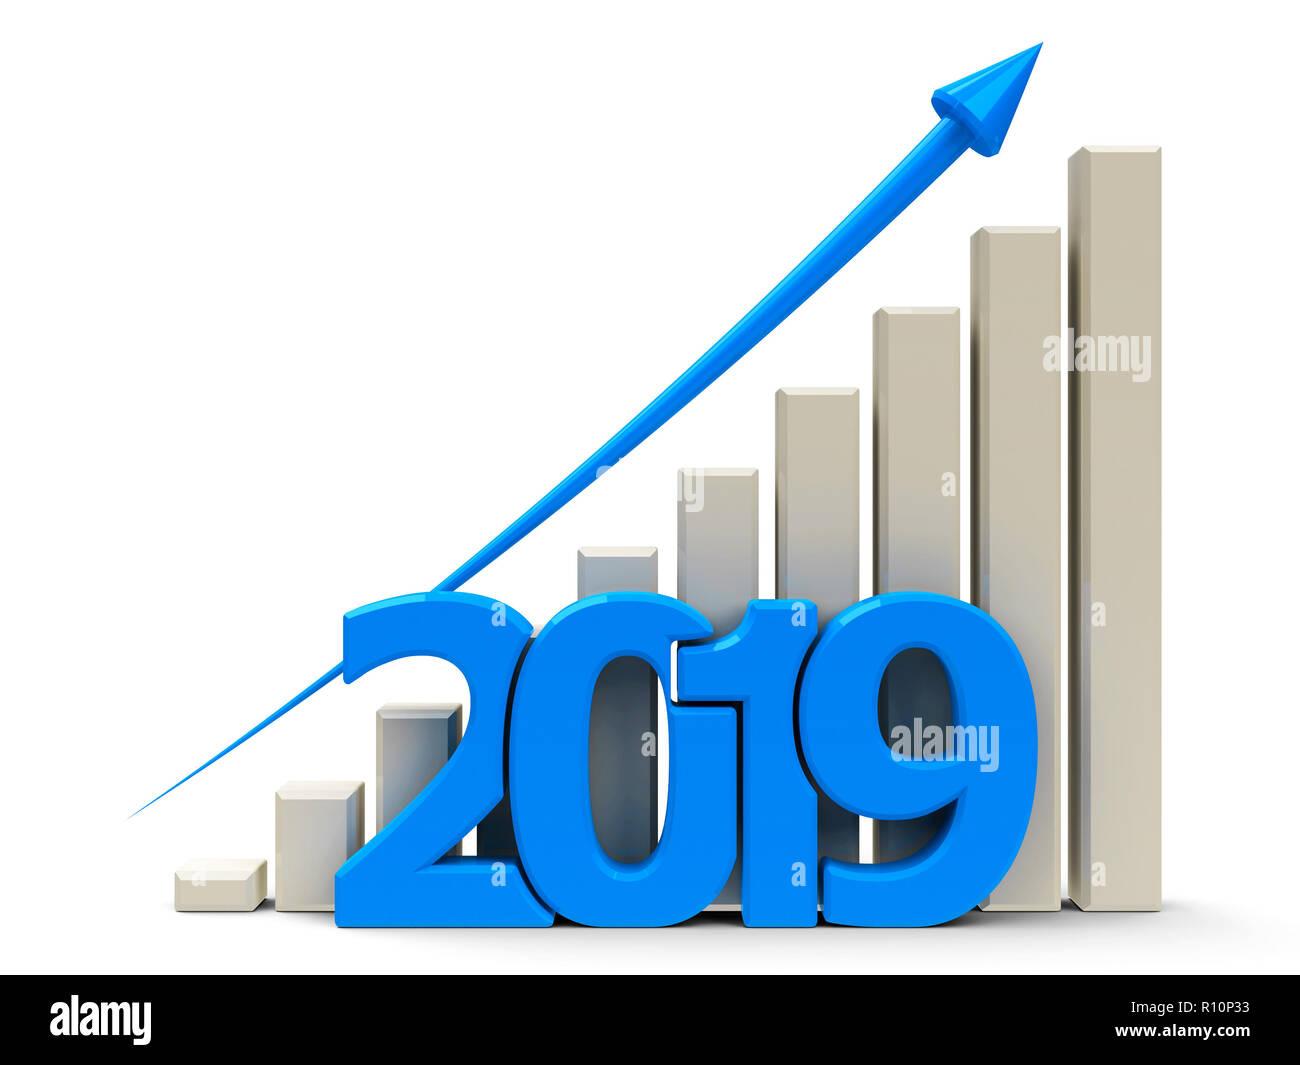 Gráfico de negocios azul con la flecha azul hacia arriba, representa un crecimiento en el año 2019, representación tridimensional, ilustración 3D Imagen De Stock